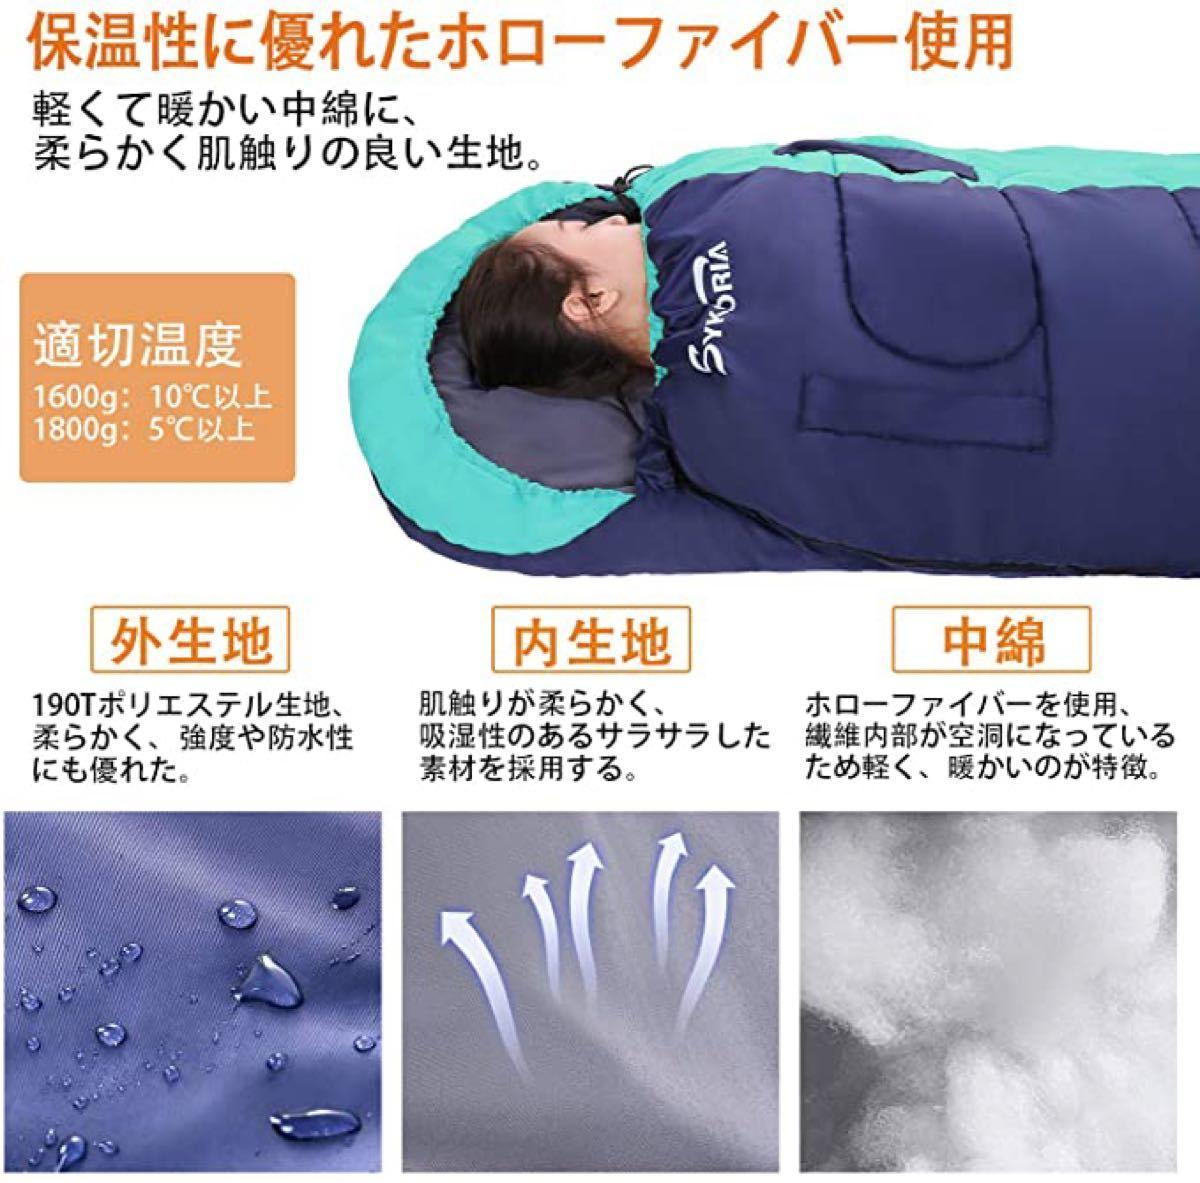 寝袋 シュラフ 封筒型 アウトドア 防災用 0℃-25℃ コンパクト 収納袋付き